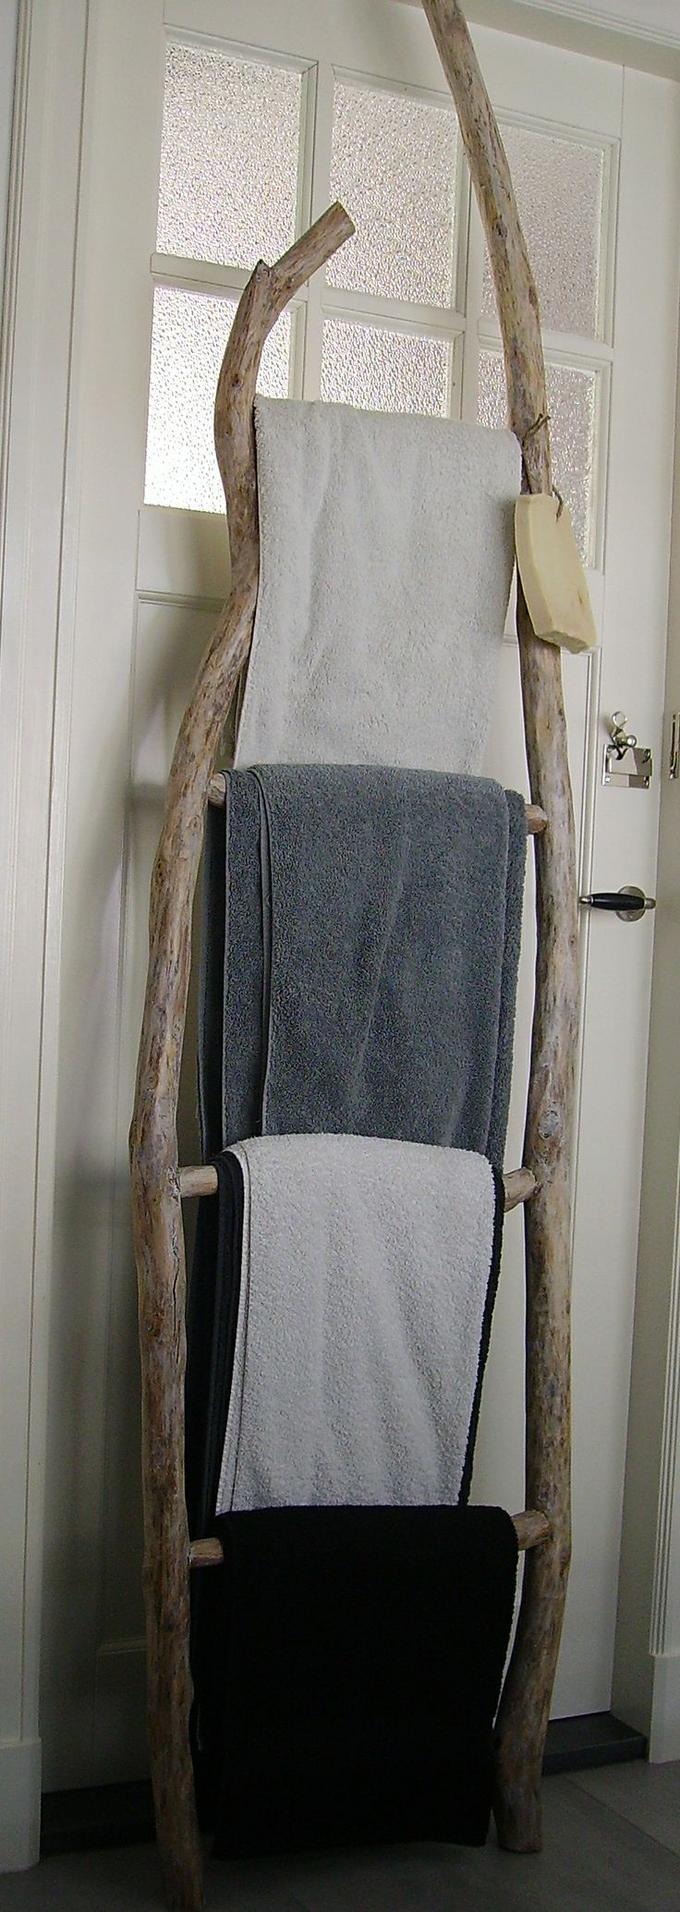 Schöne Idee für das Badezimmer zum Handtücher aufhängen ...